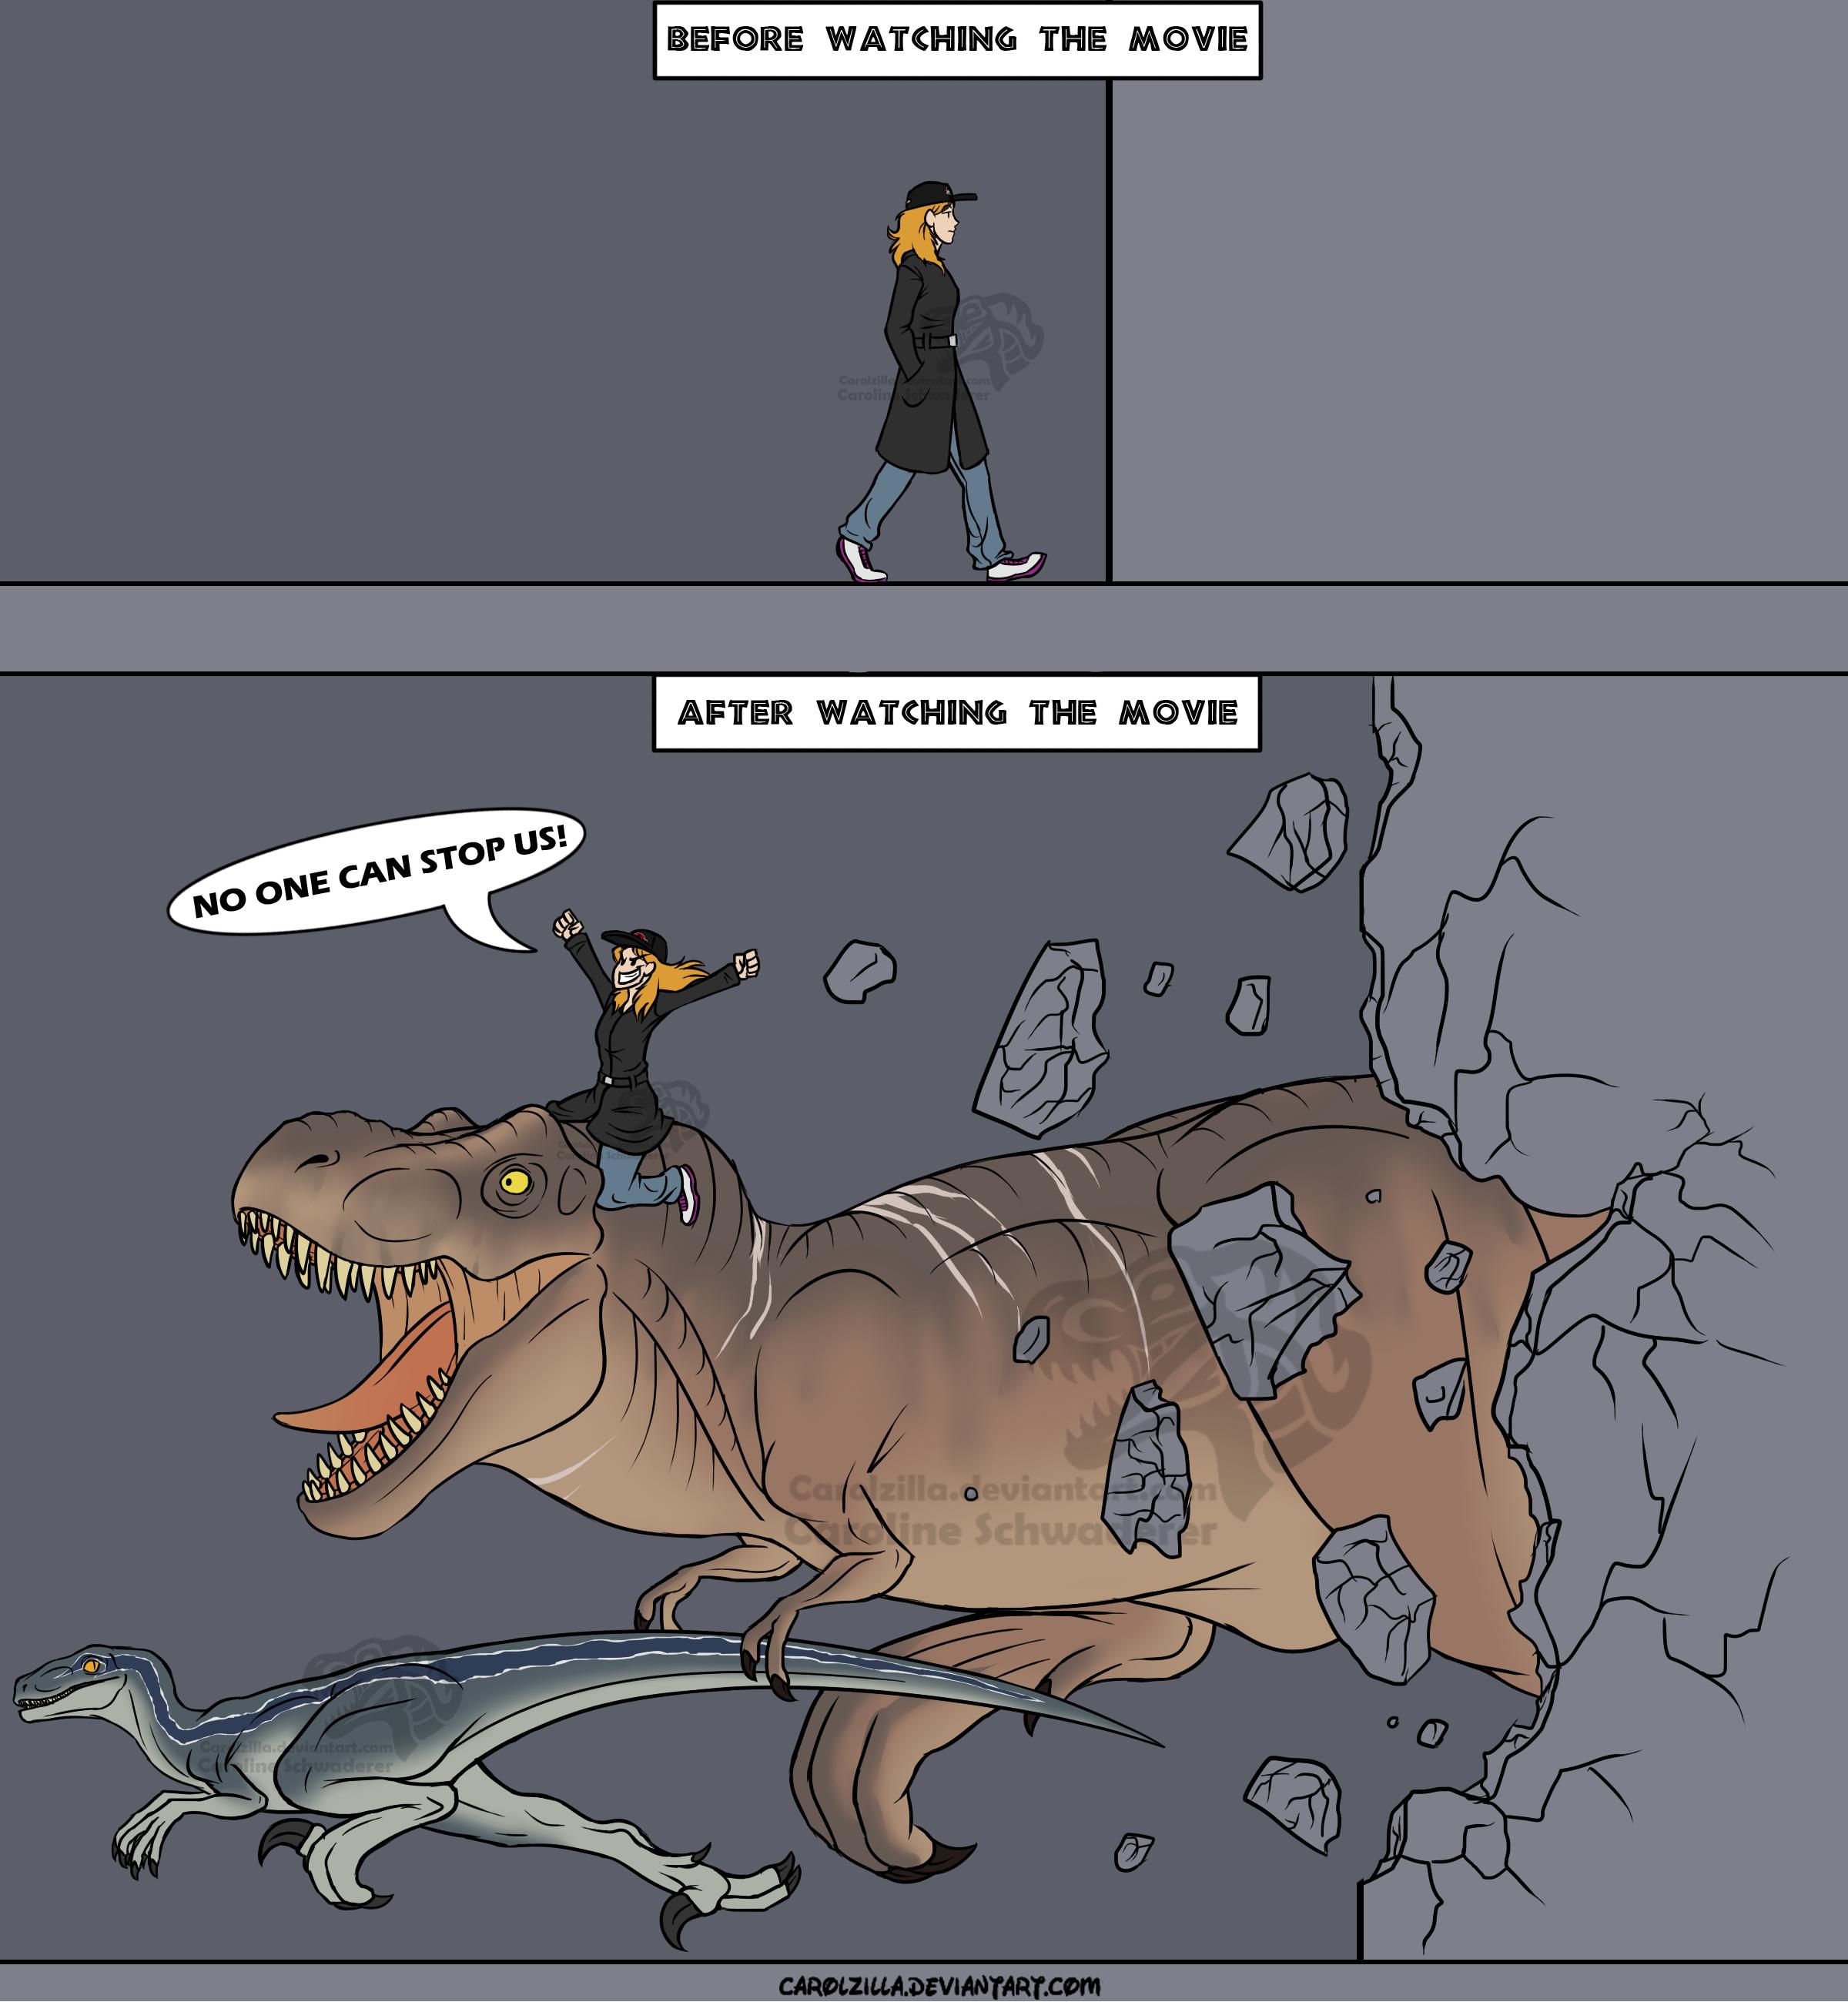 Jurassic park card 3 by chicagocubsfan24 on deviantart - Jurassic Park Albertosaurus By Hellraptor Deviantart Com On Deviantart Carnivorous Dinosaurs Pinterest